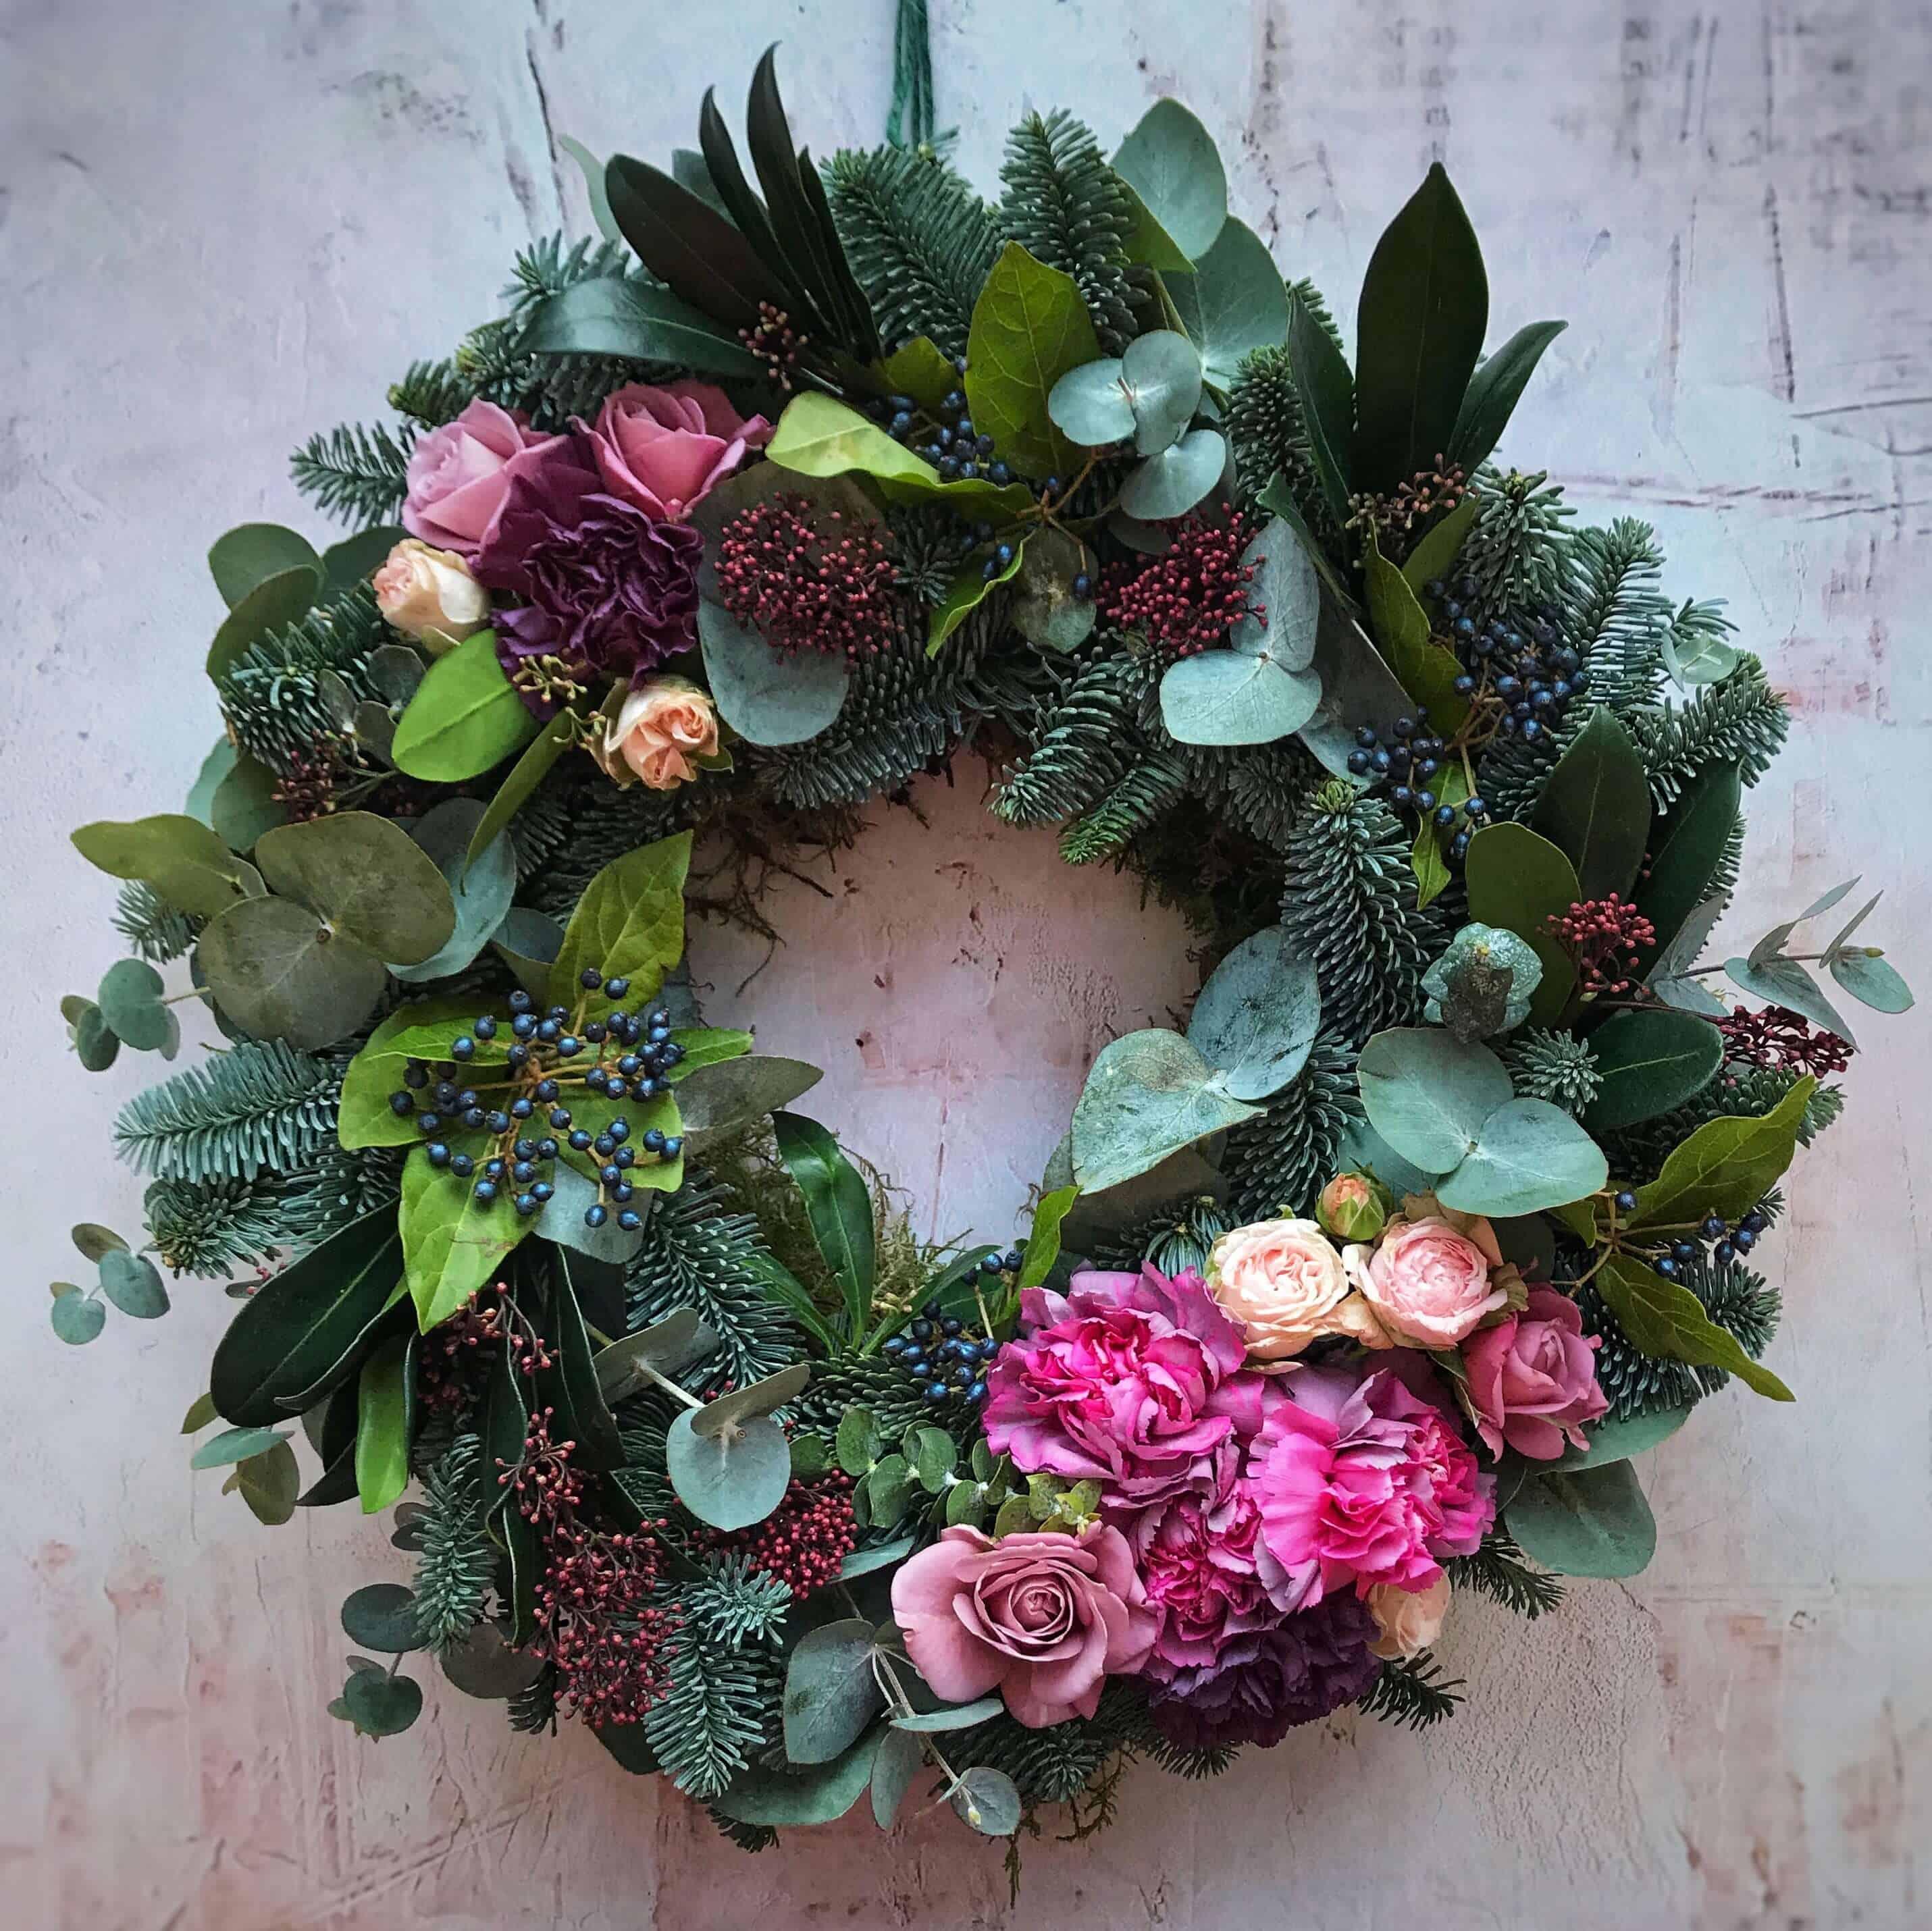 how to make a fir wreath